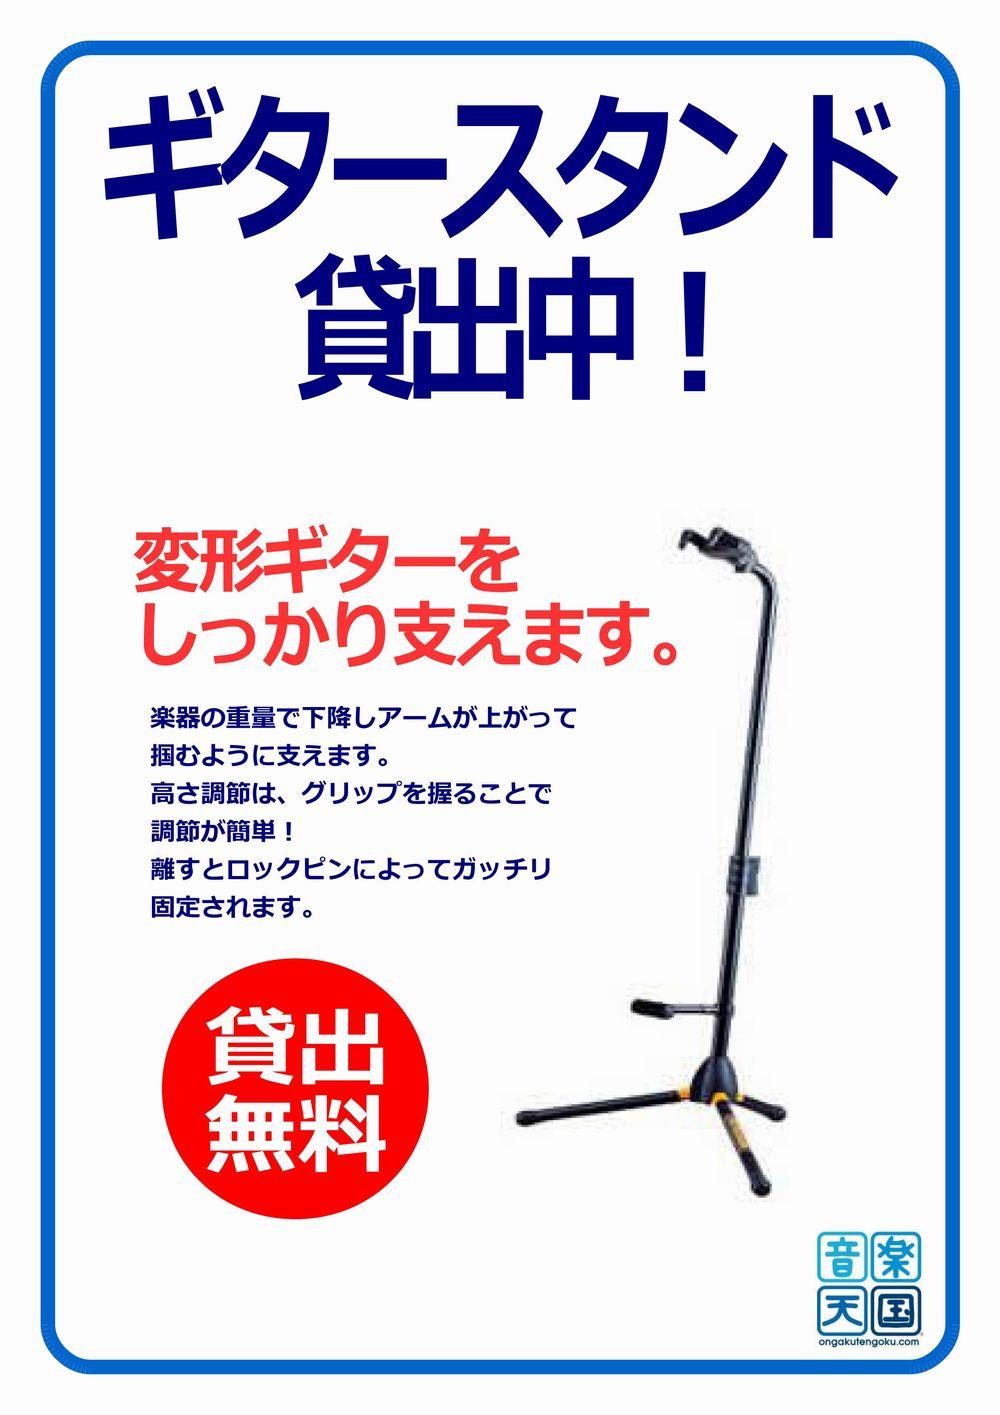 音楽天国・藤枝店のギタースタンド貸出